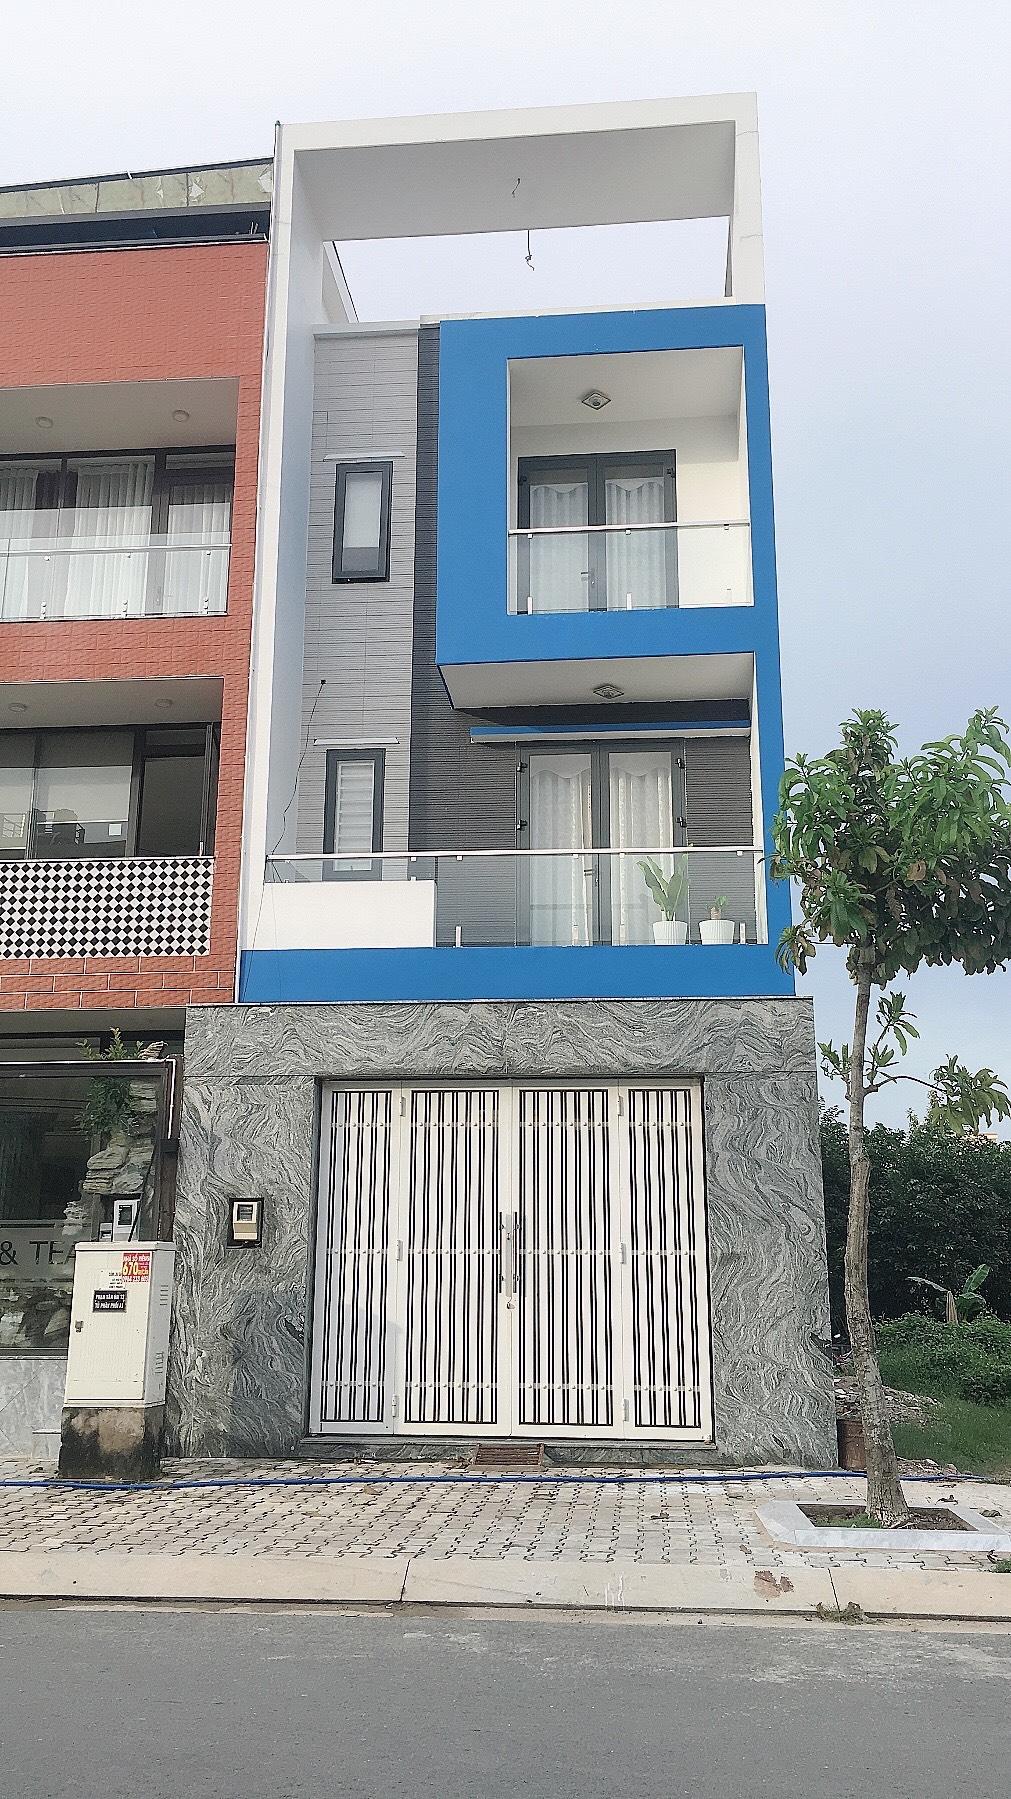 Chủ nhà bán lỗ căn nhà 123,7M2, 3 tầng, đường rộng 16 mét,giá chỉ bằng giá đất.